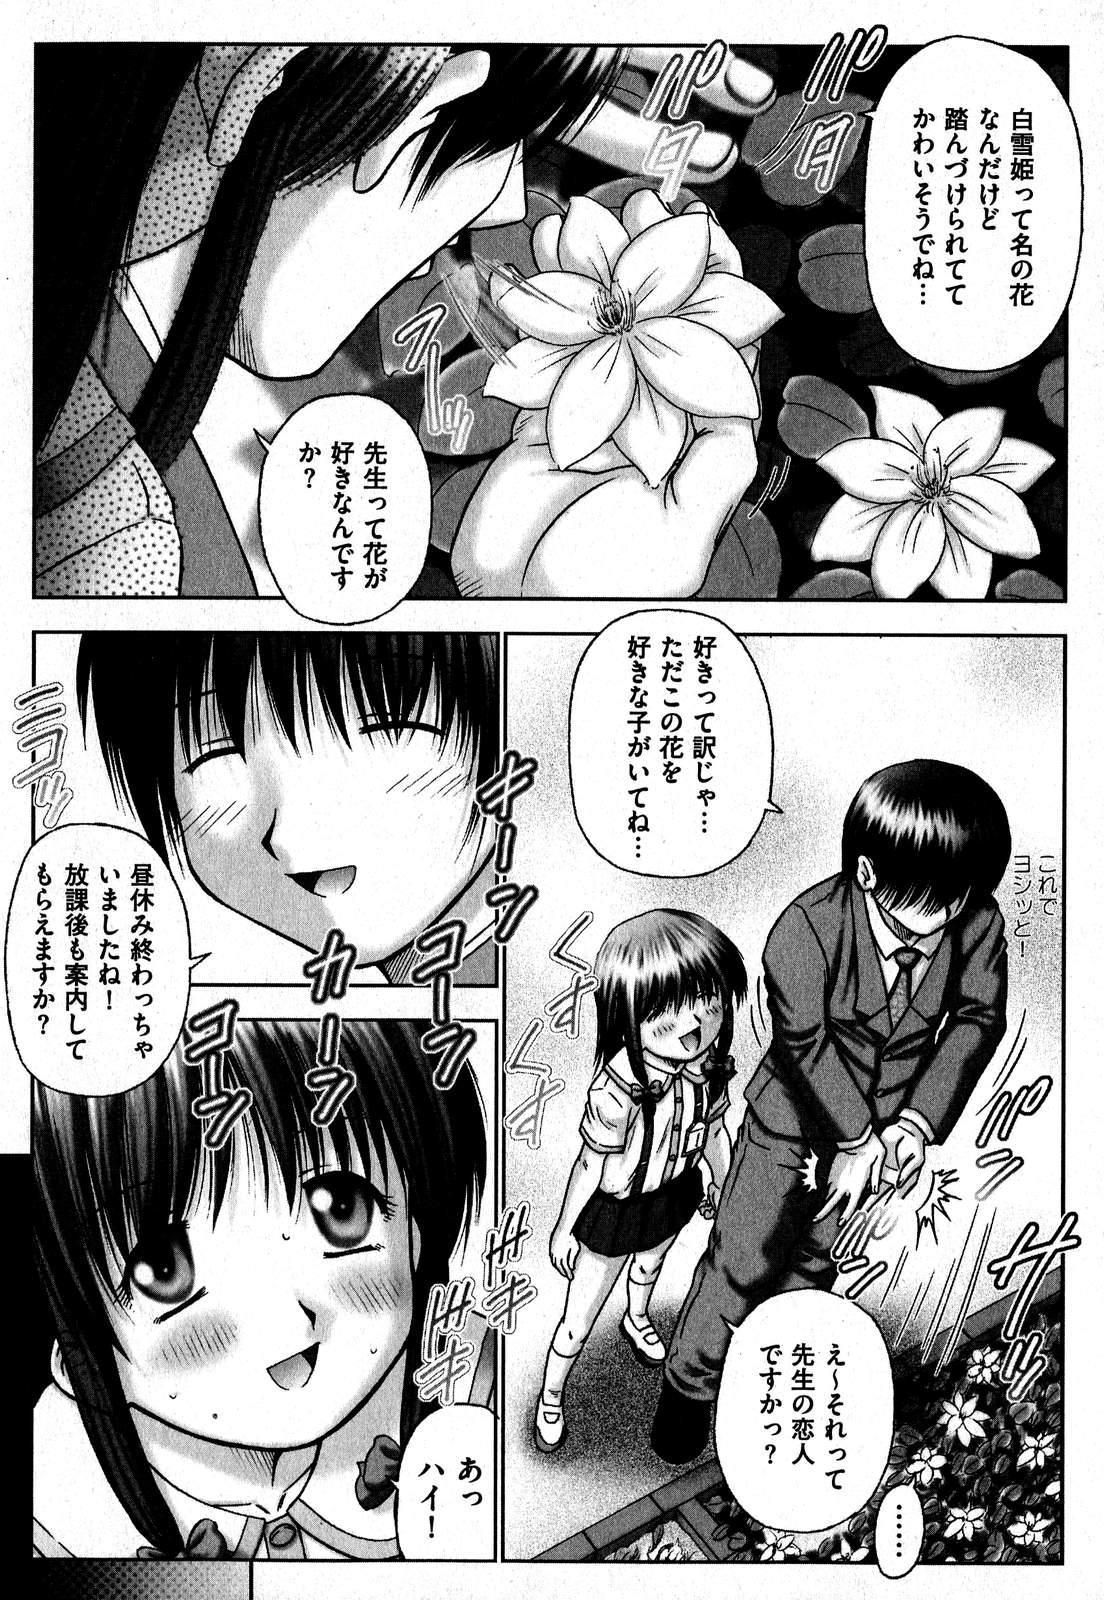 COMIC XO 2007-09 Vol. 16 143